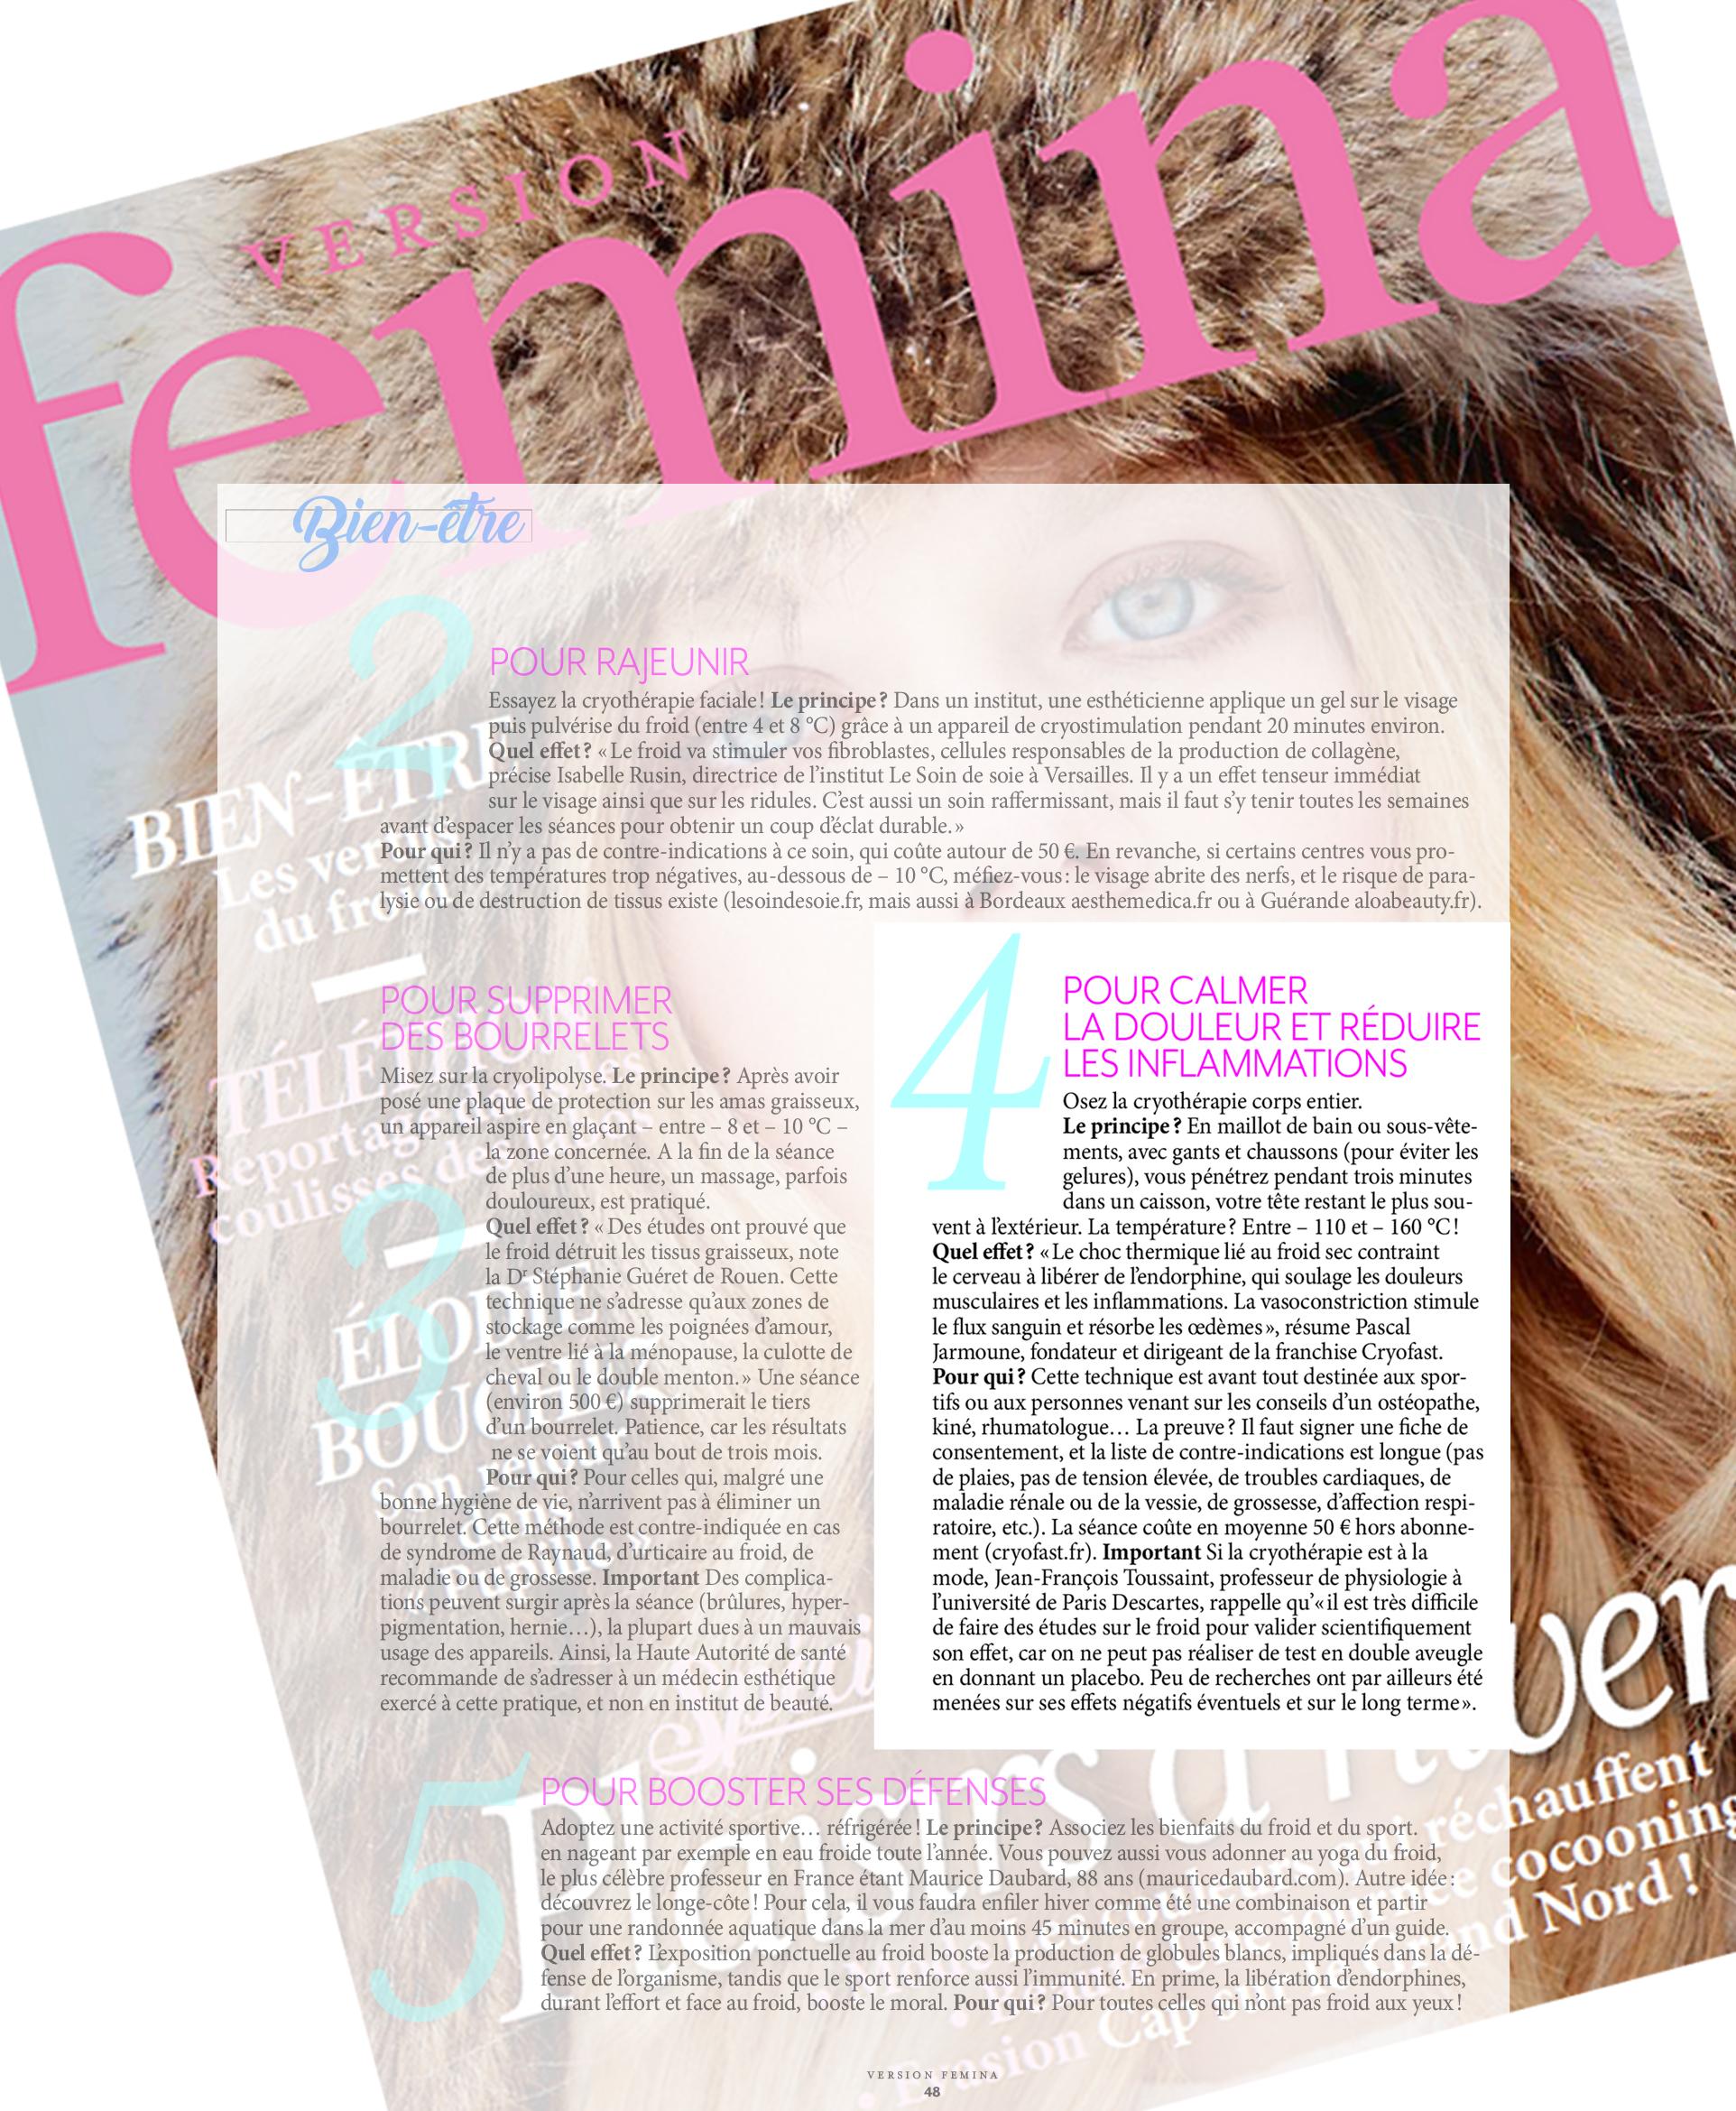 montage avec la couverture du magazine version femina sur laquelle est aposée la page de l'article citant cryofast et la cryotherapie